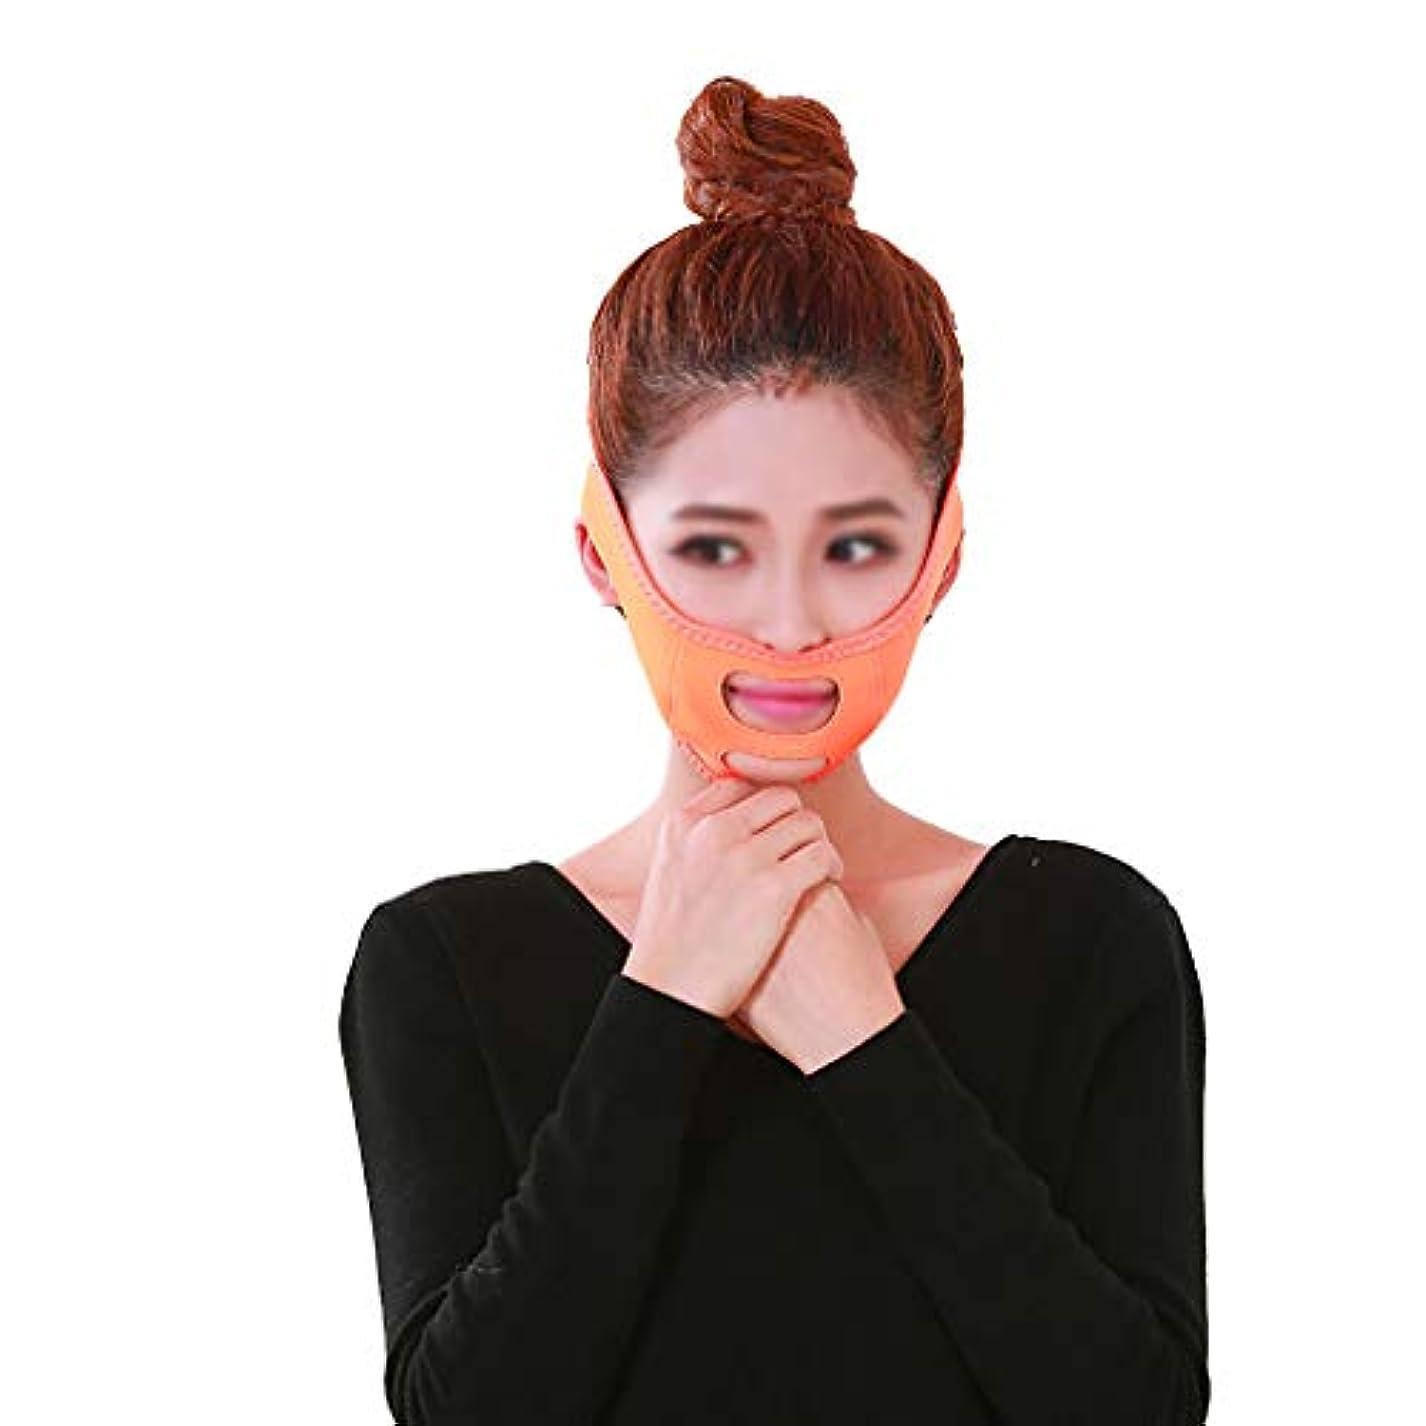 系譜口頭少しフェイスリフトフェイシャル、肌のリラクゼーションを防ぐVフェイスマスクVフェイスアーチファクトフェイスリフト包帯フェイスケア (Color : Orange)